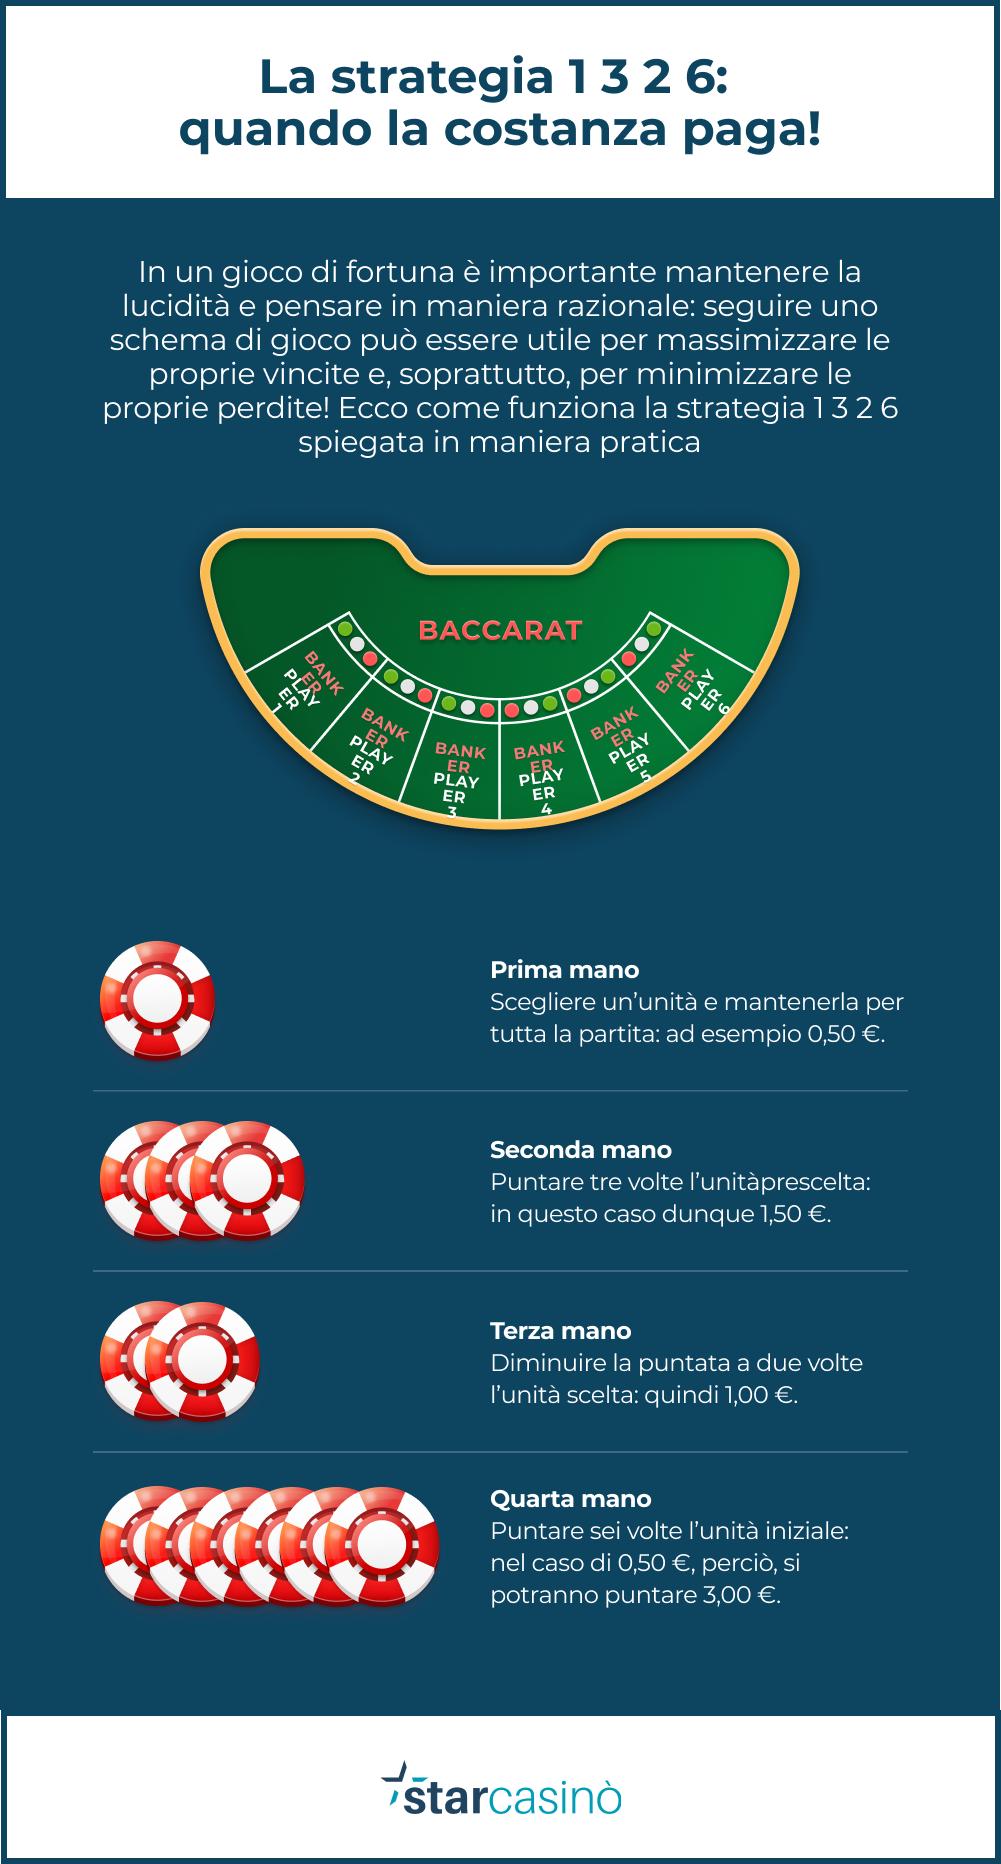 Baccarat e la strategia 1 3 2 6